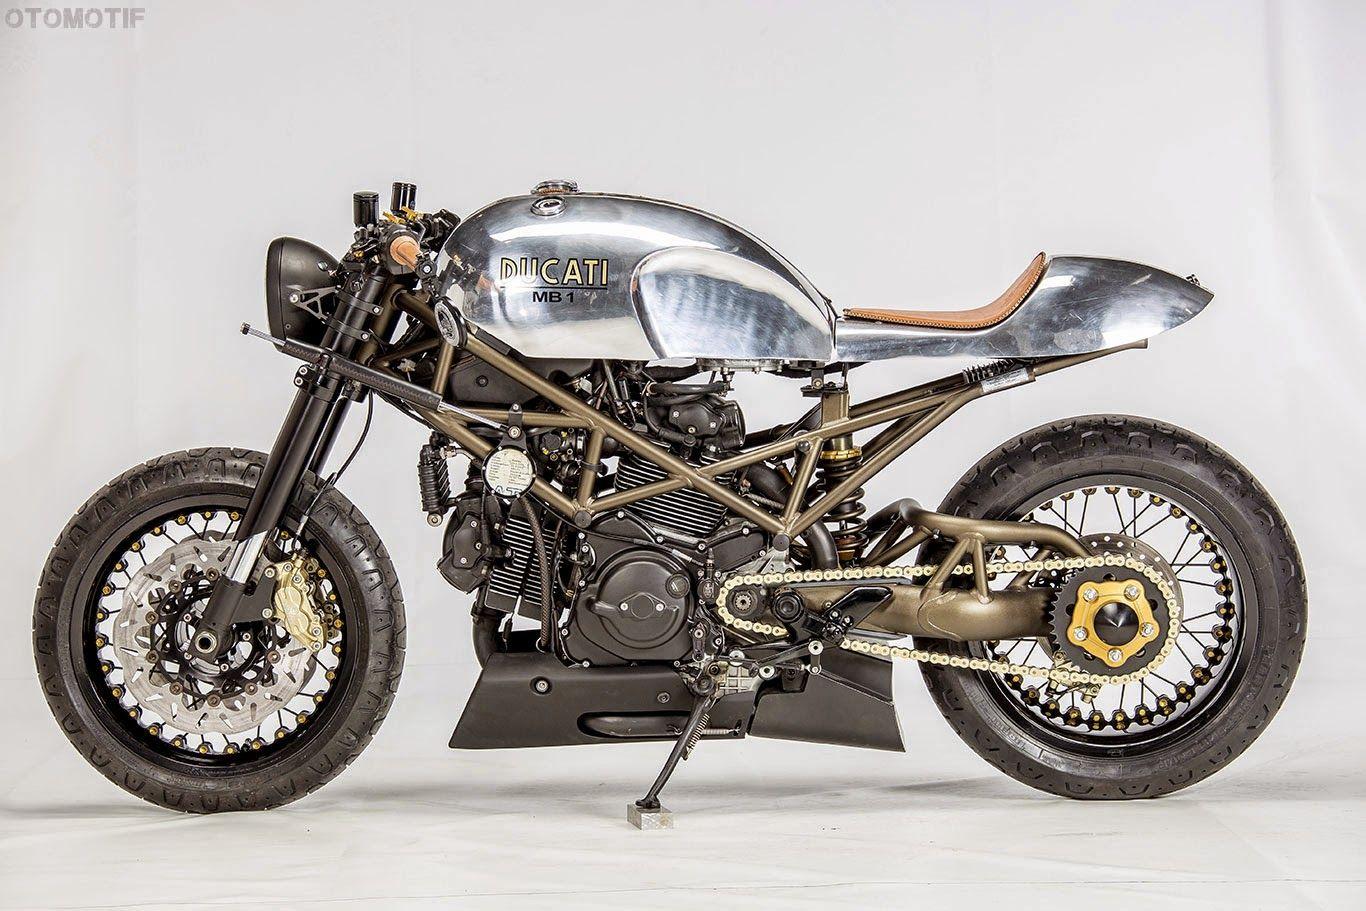 Ducati Monster 1000 cafe racer | Cafe Racer | Pinterest